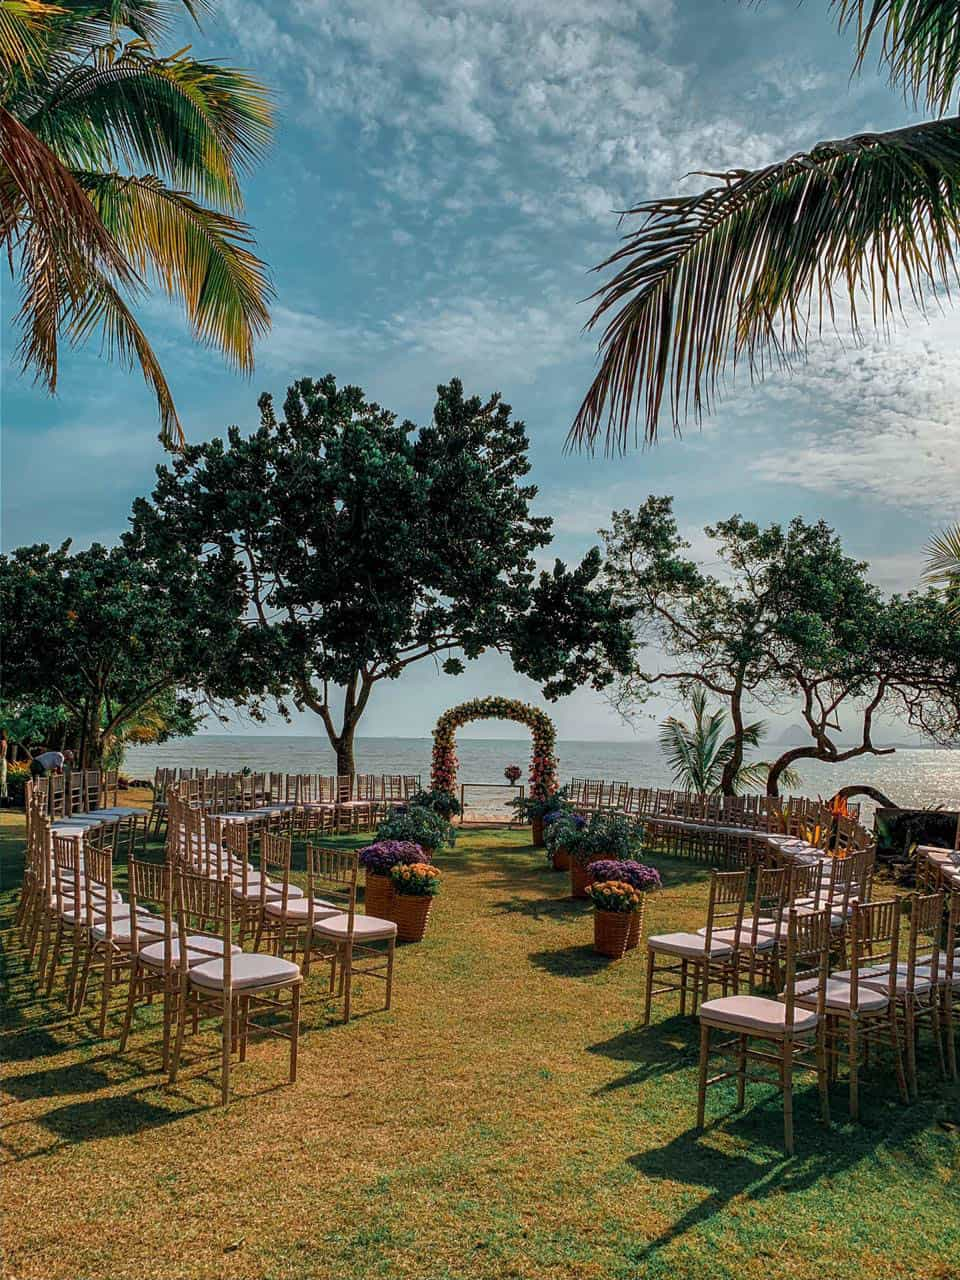 Casa-da-Maria-casamento-Mariana-e-Luan-Castelhanos-cerimonia-ao-ar-livre-cerimonia-na-praia-cerimonial-Vivianne-Melo-Espirito-Santo-Fotografia-Mariana-Andrich56